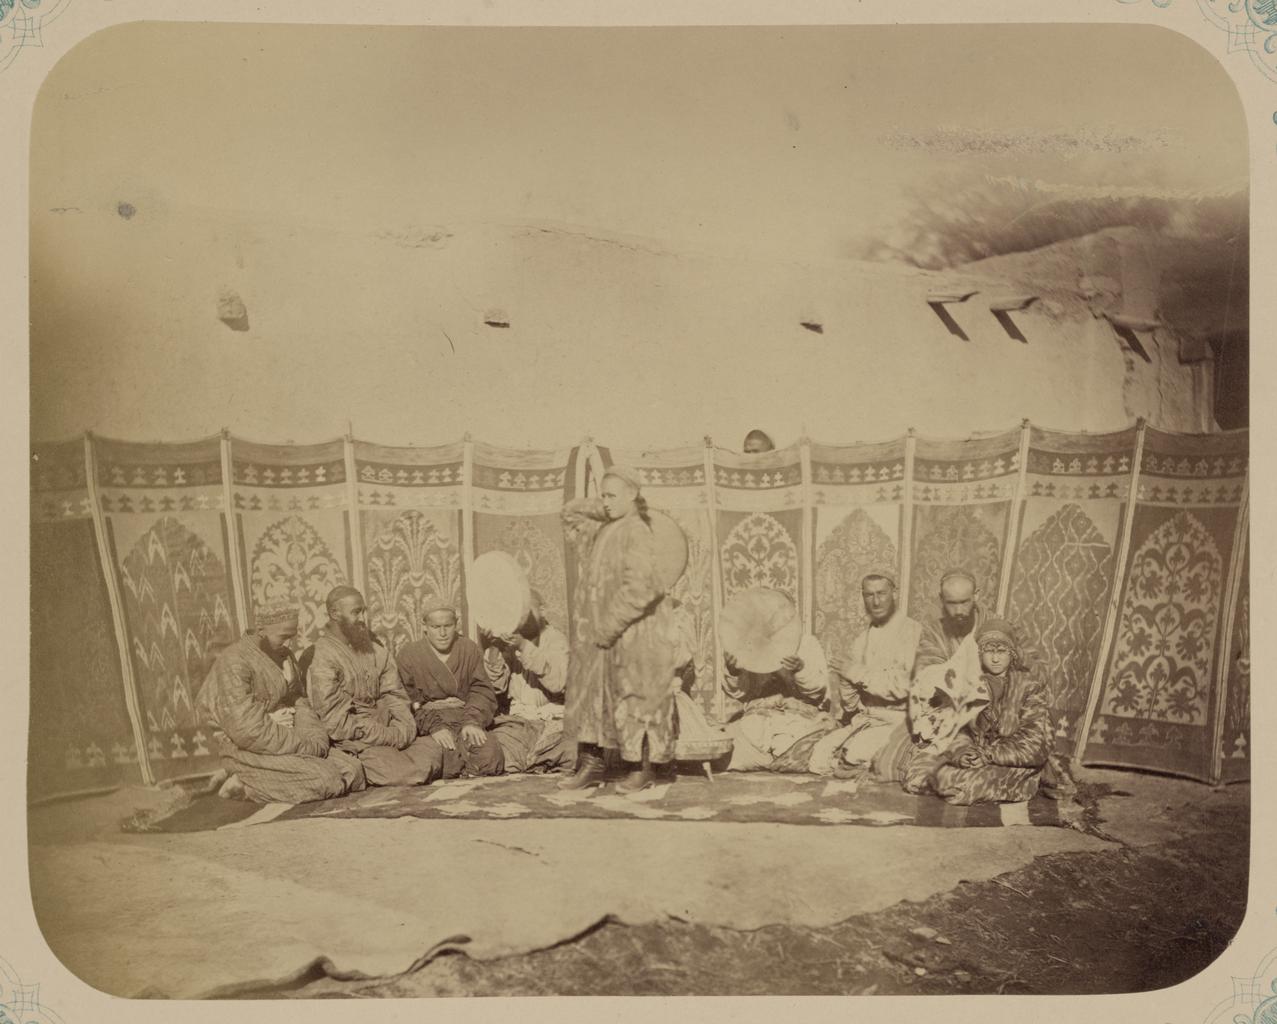 Группа мужчин-музыкантов, позирующих с несколькими батчами, или танцующими мальчиками